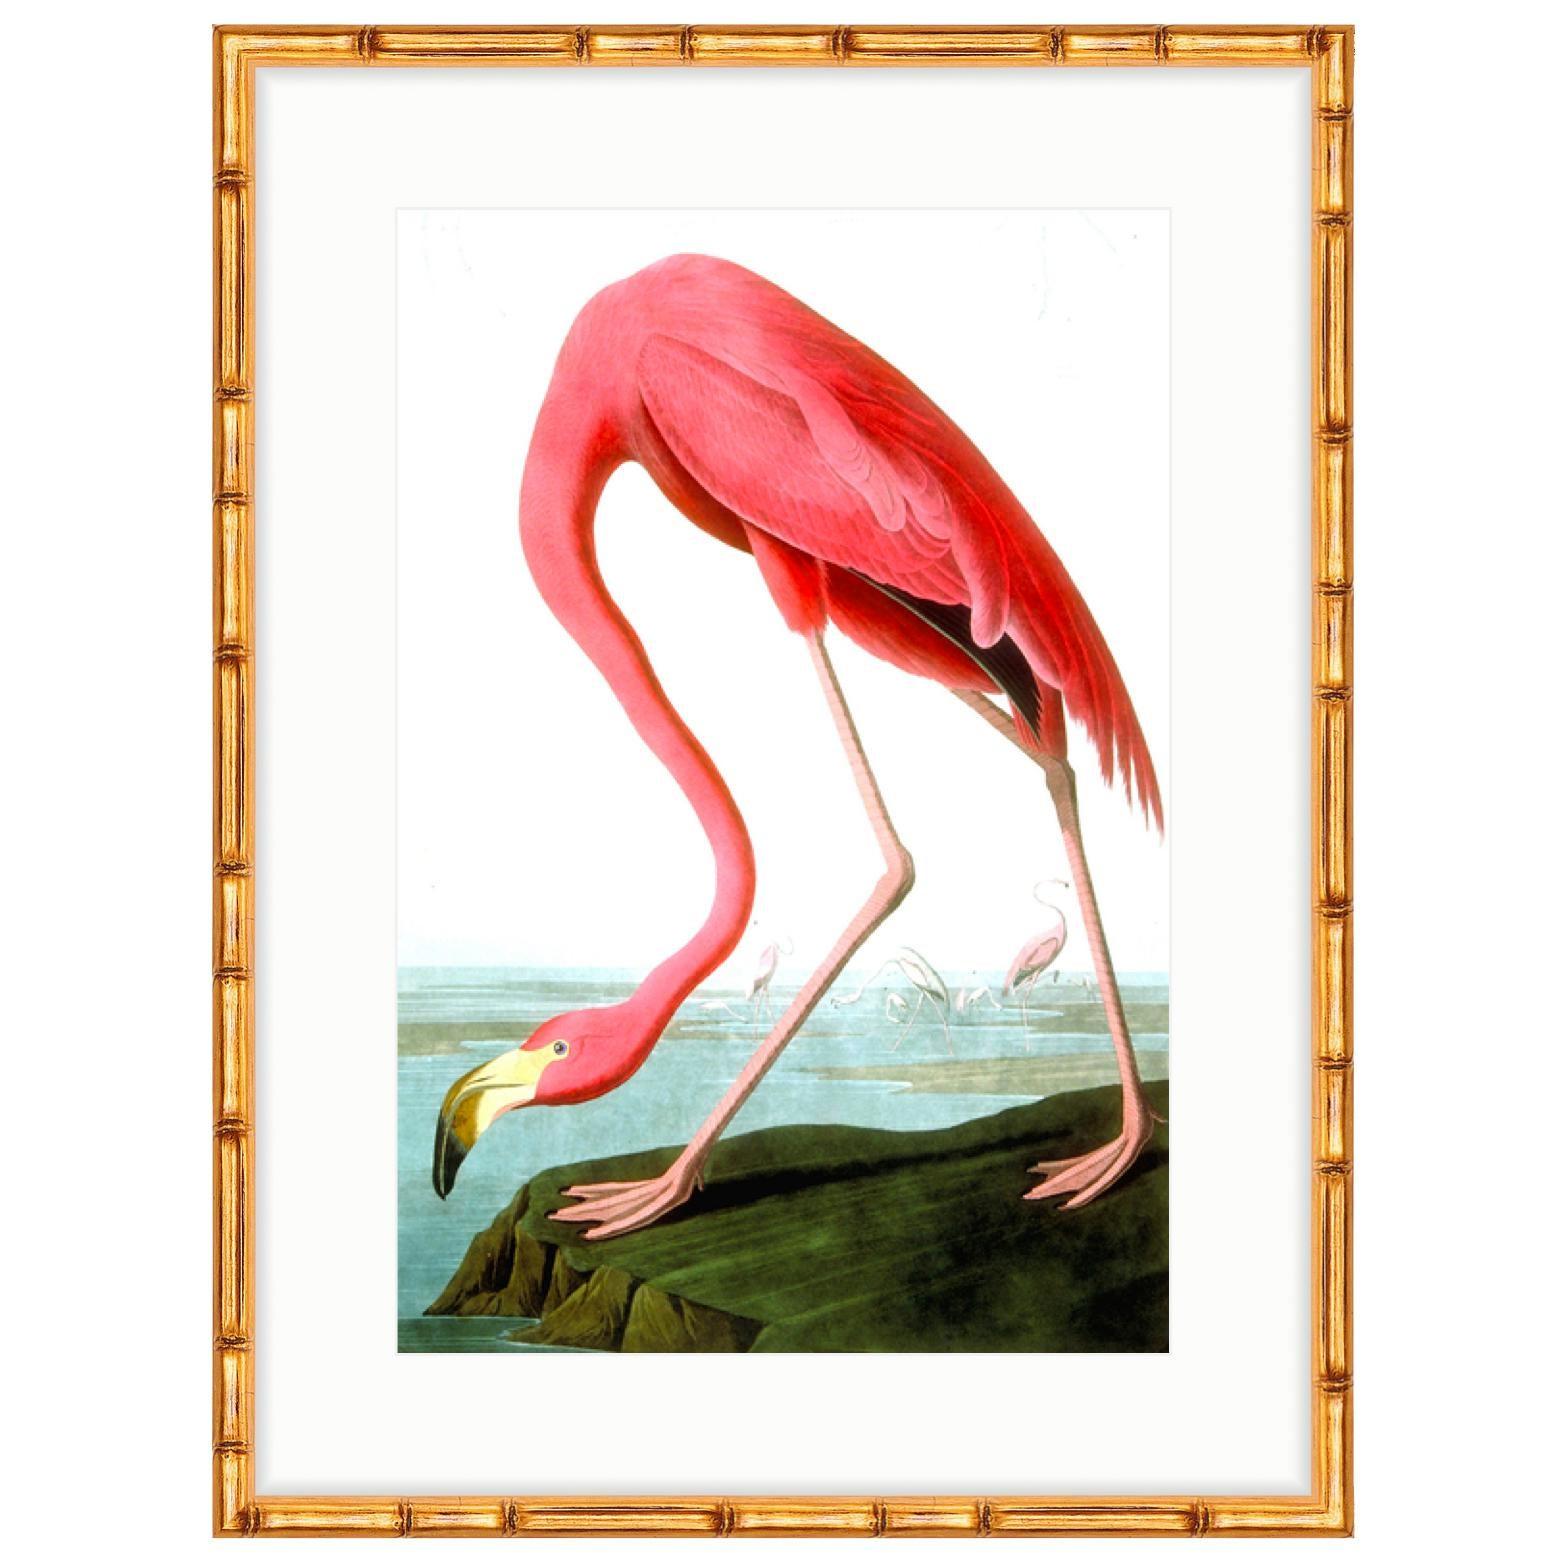 Soicher Marin Audubon Flamingo Print in Gold Bamboo Frame | Chairish